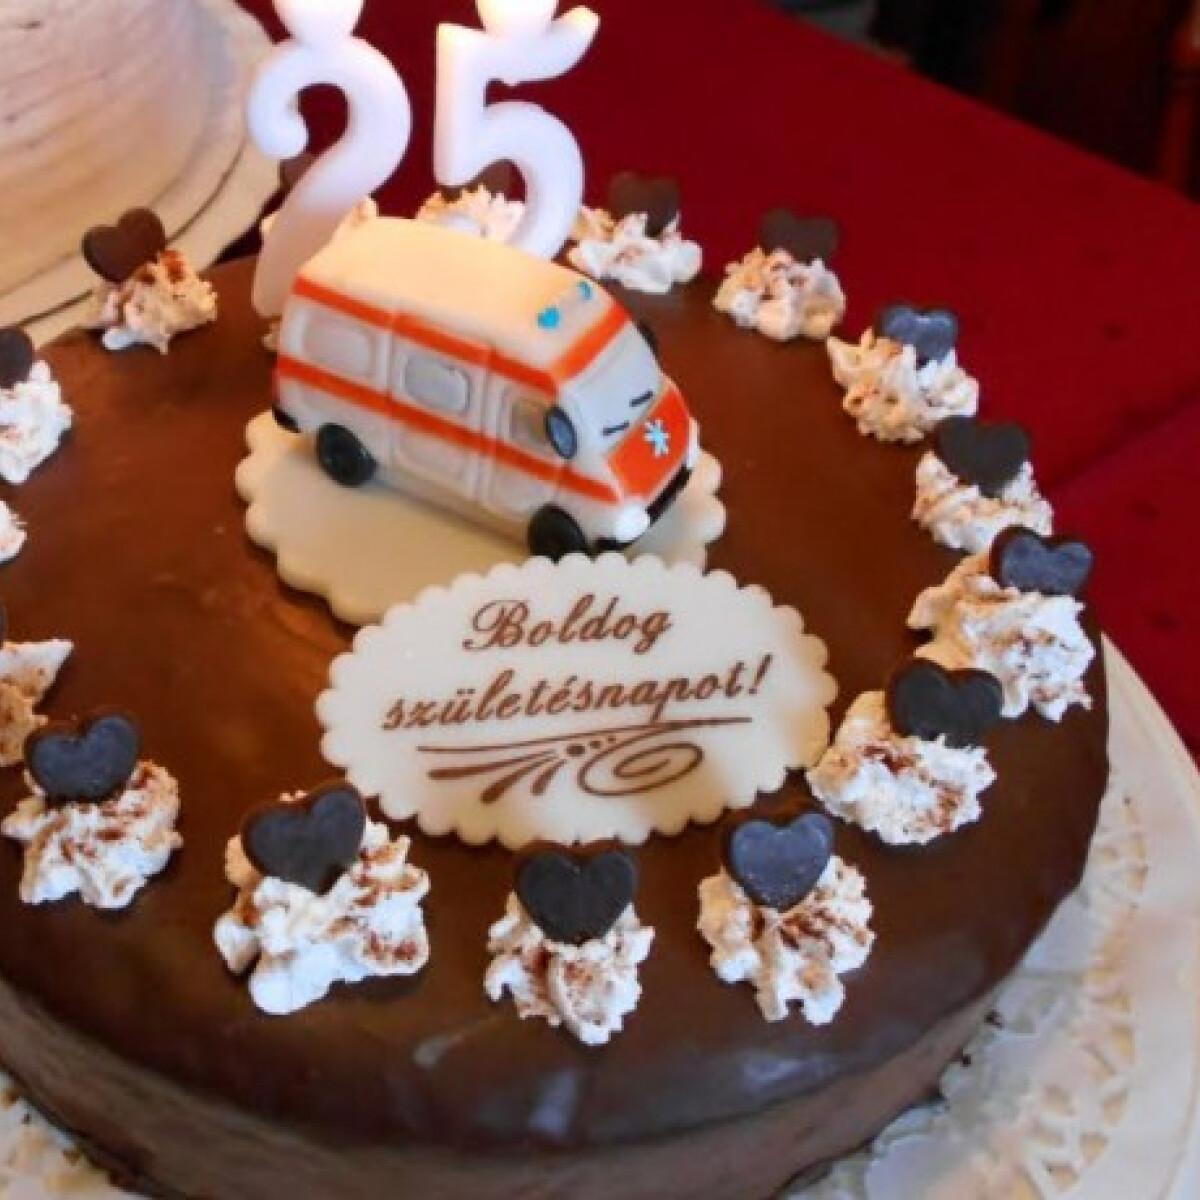 Ezen a képen: Szülinapi túrórudi torta